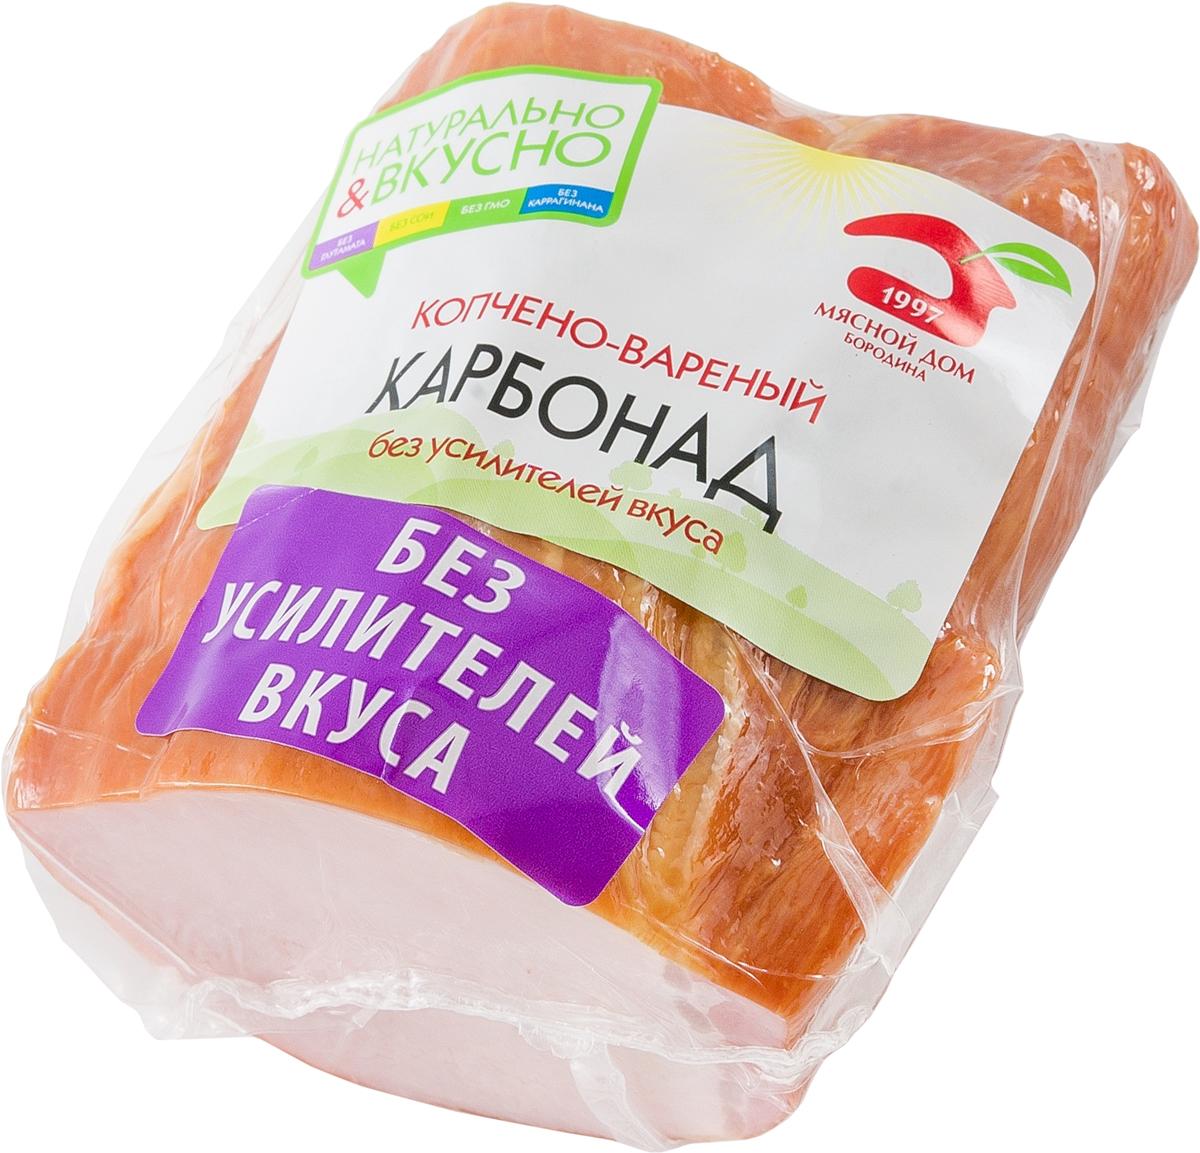 МД Бородина Карбонад копчено-вареный, 400 г1407Карбонад к/в 400г. Мясной продукт. Изделие из свинины копчено-вареное, охлажденное